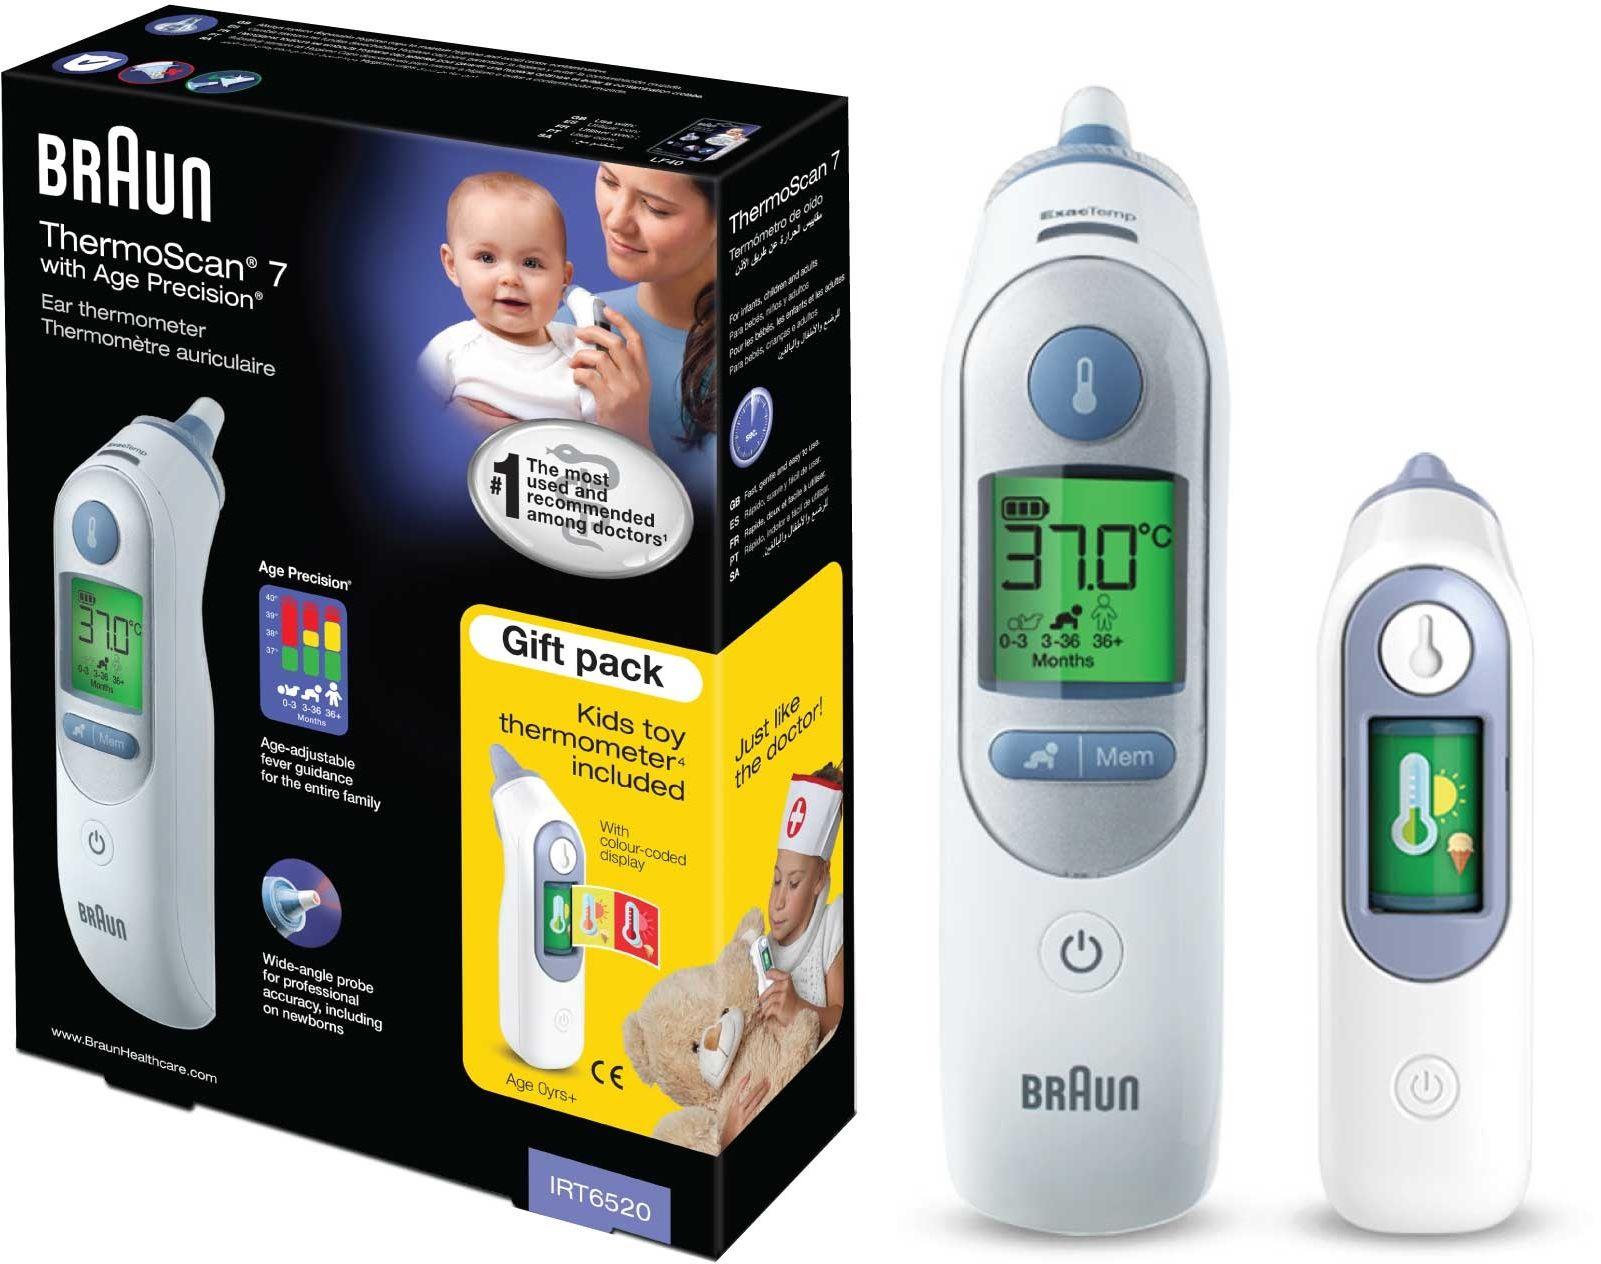 Braun IRT6520 Thermoscan 7 + zabawka /opk. 6 szt Termometr do ucha + zabawka /opk. 6 szt